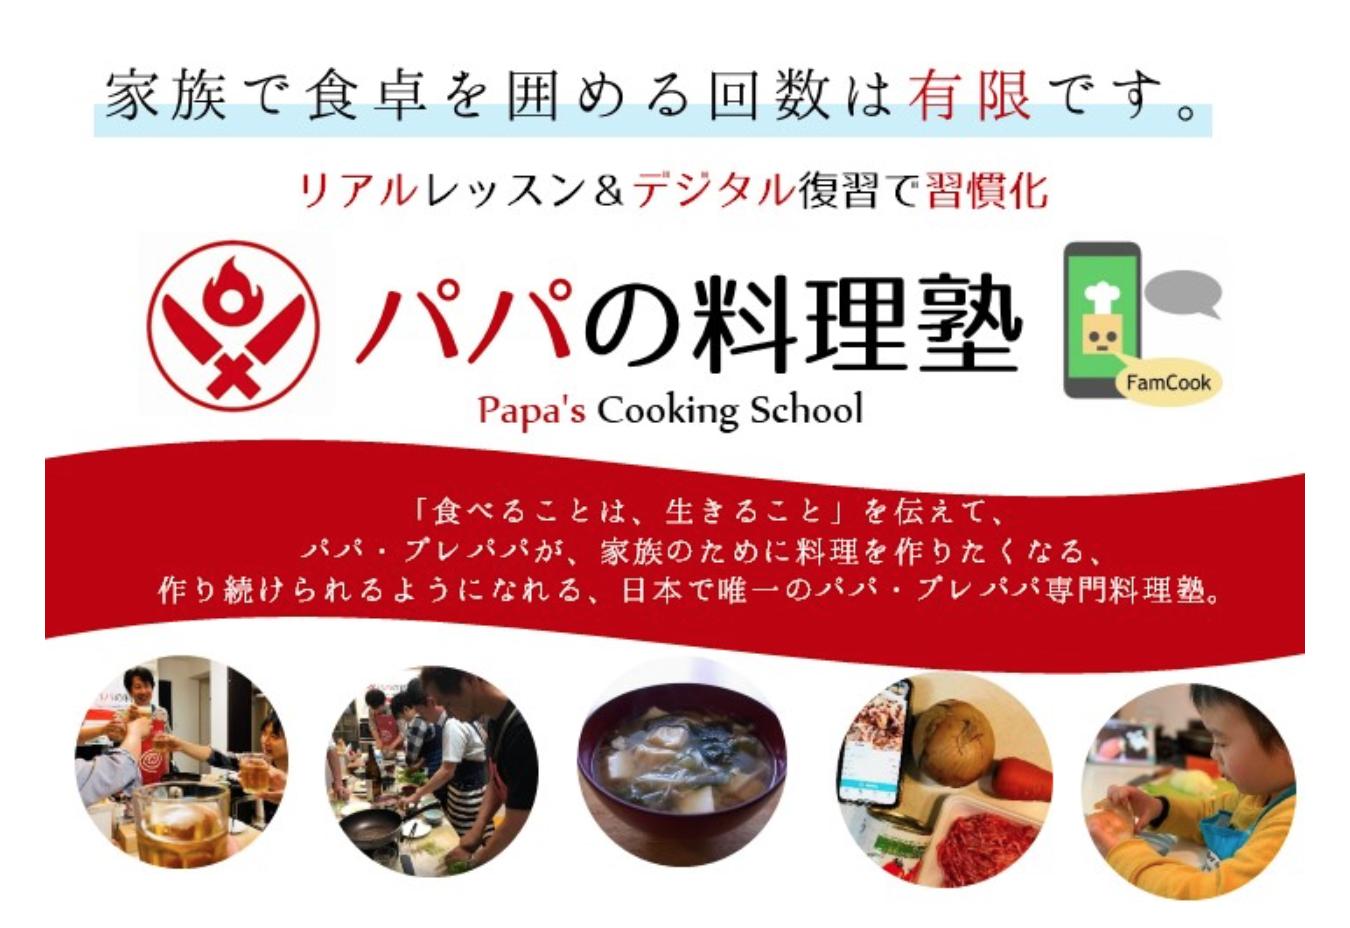 パパがつくる、家族の笑顔のための「パパの料理塾」